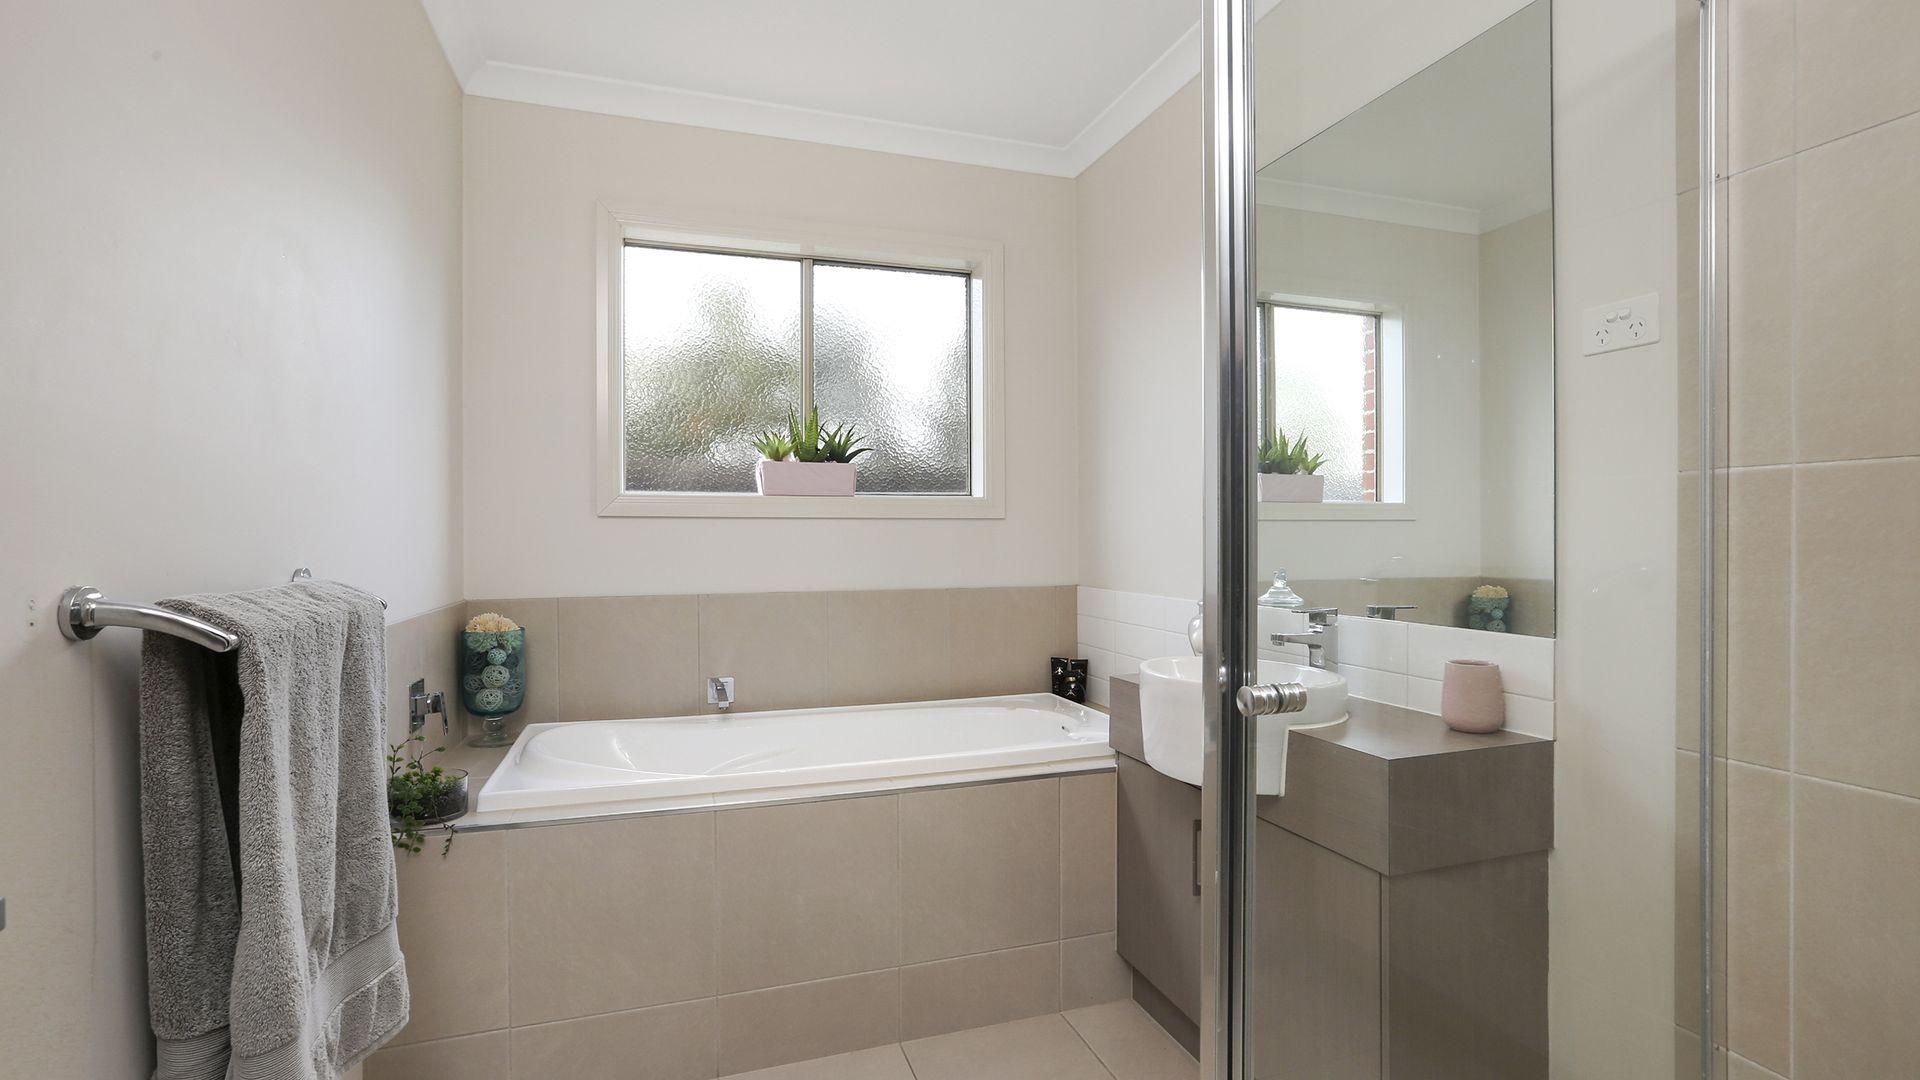 3/110 Flinders Avenue, Lara VIC 3212, Image 2